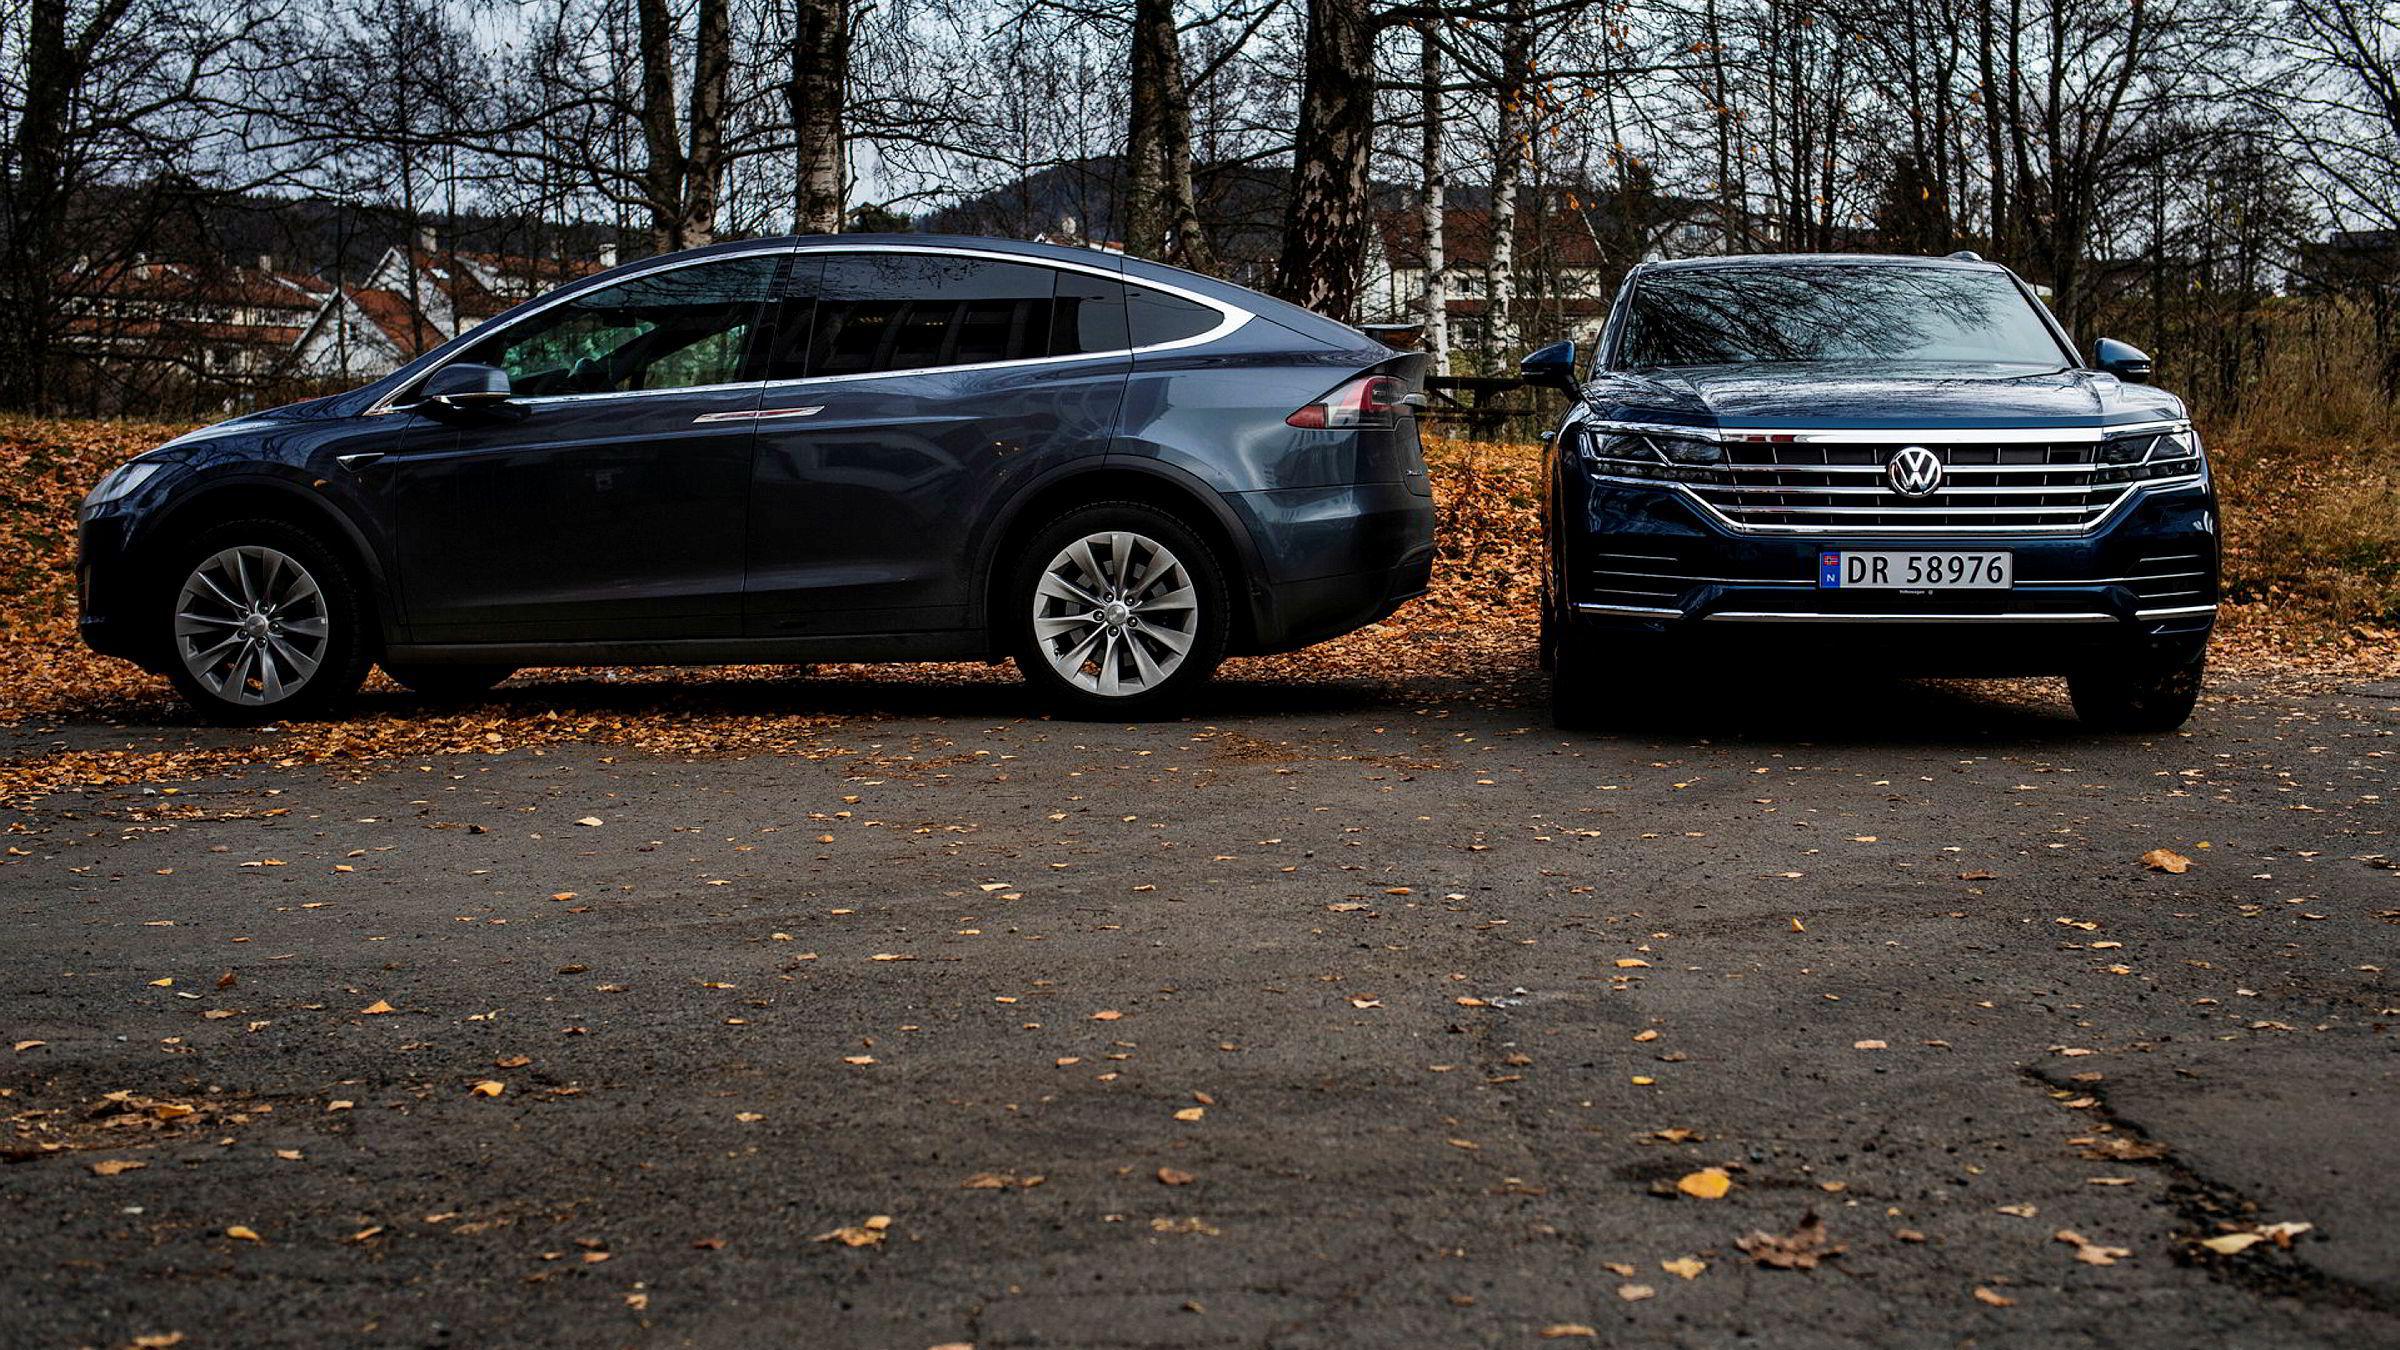 En eier av en Volkswagen Touareg (til høyre) må ut med over en halv million kroner i avgifter i løpet av bilens levetid. Til sammenligning blir det litt under 8000 kroner for dem som har Tesla X.